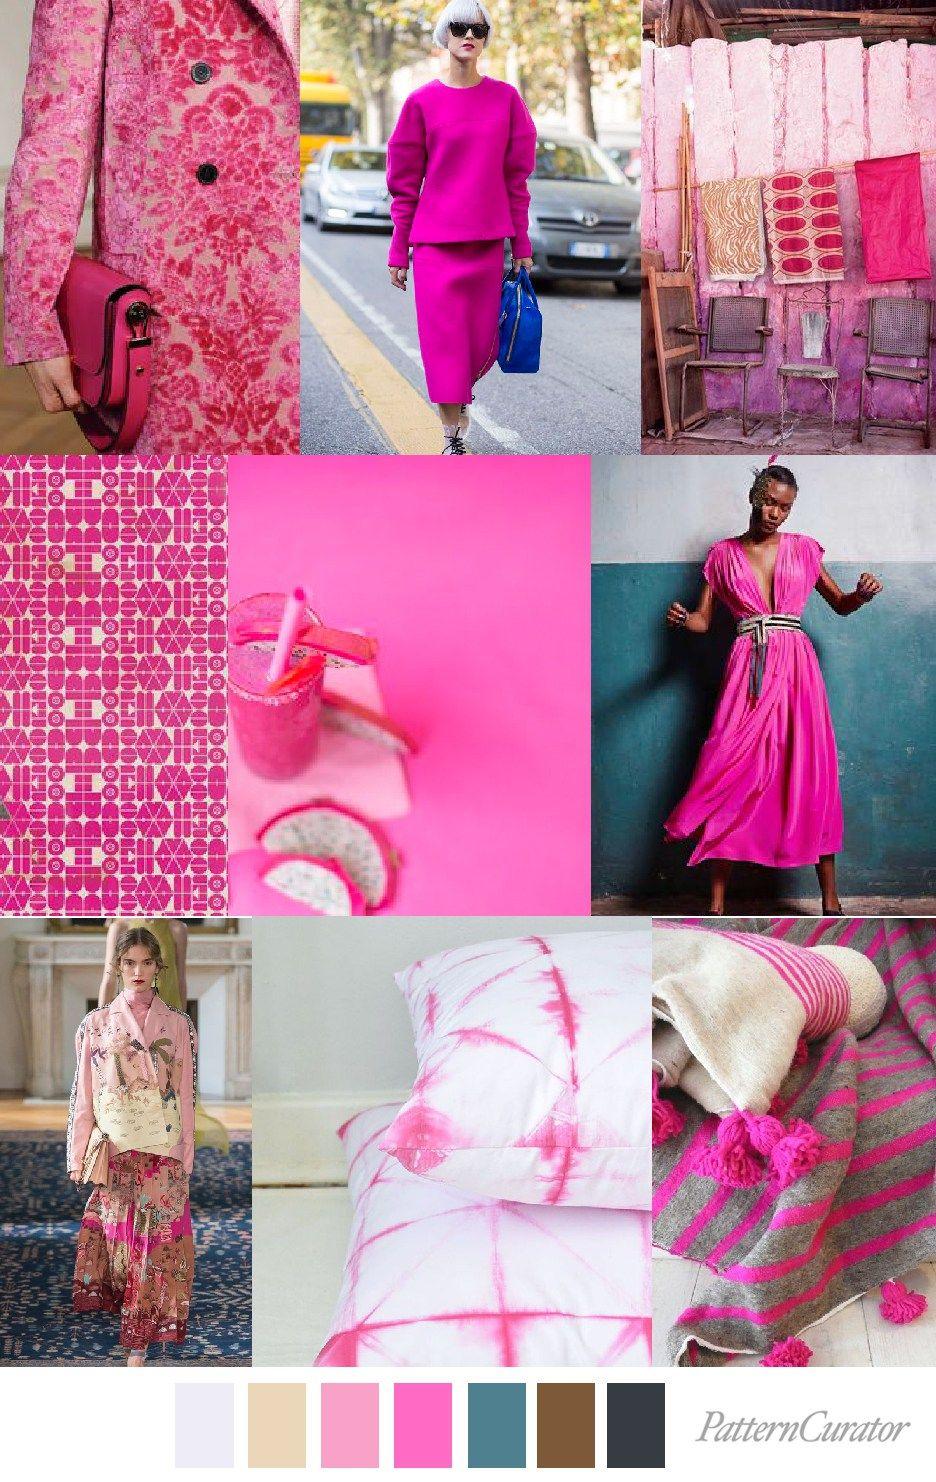 Color Trending Pink: DRAGONFRUIT PINK (pattern Curator)